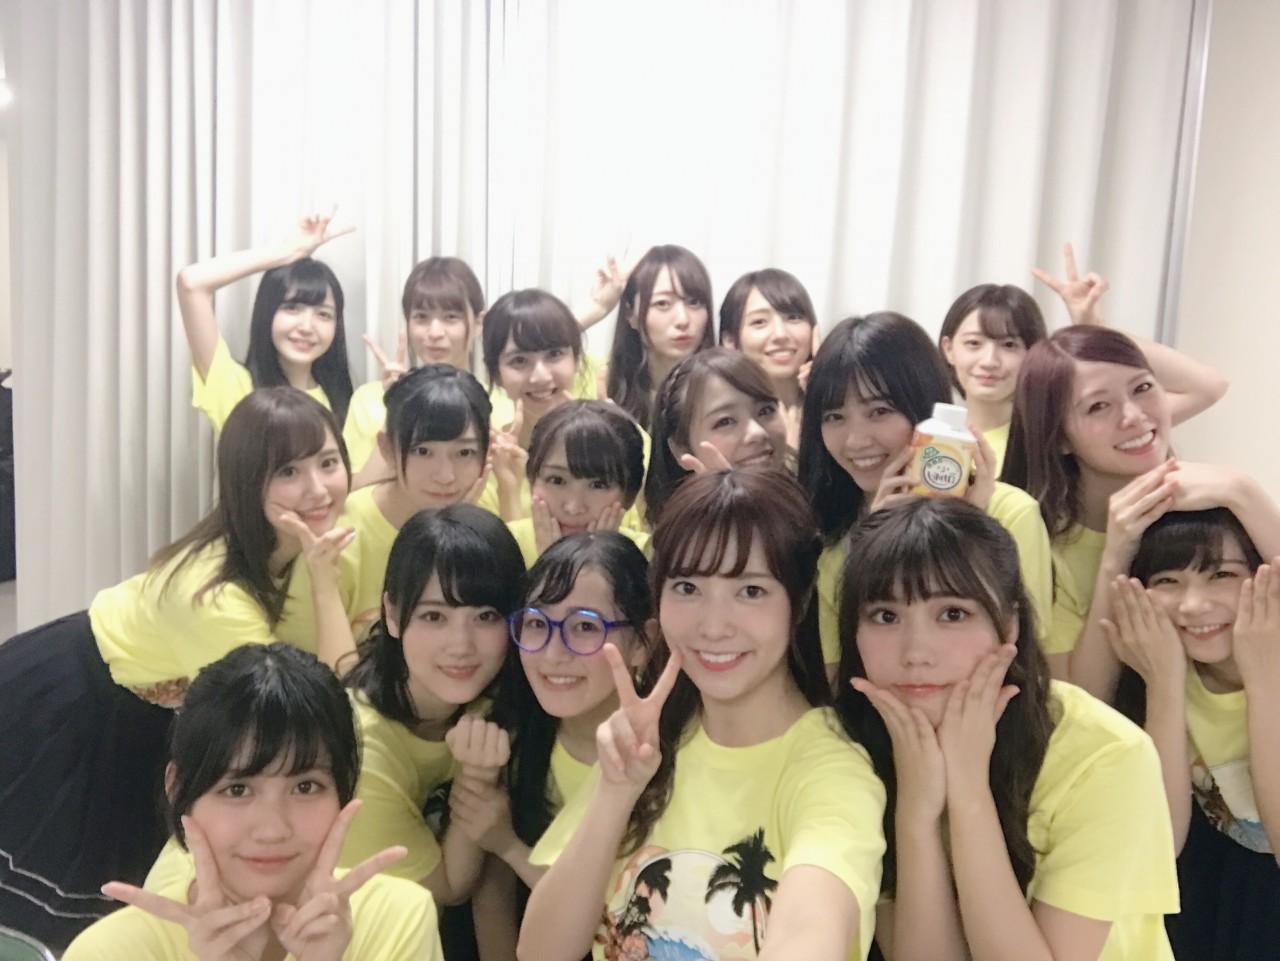 乃木坂46「真夏の全国ツアー2017」@大阪城ホール 斉藤優里ブログ写真